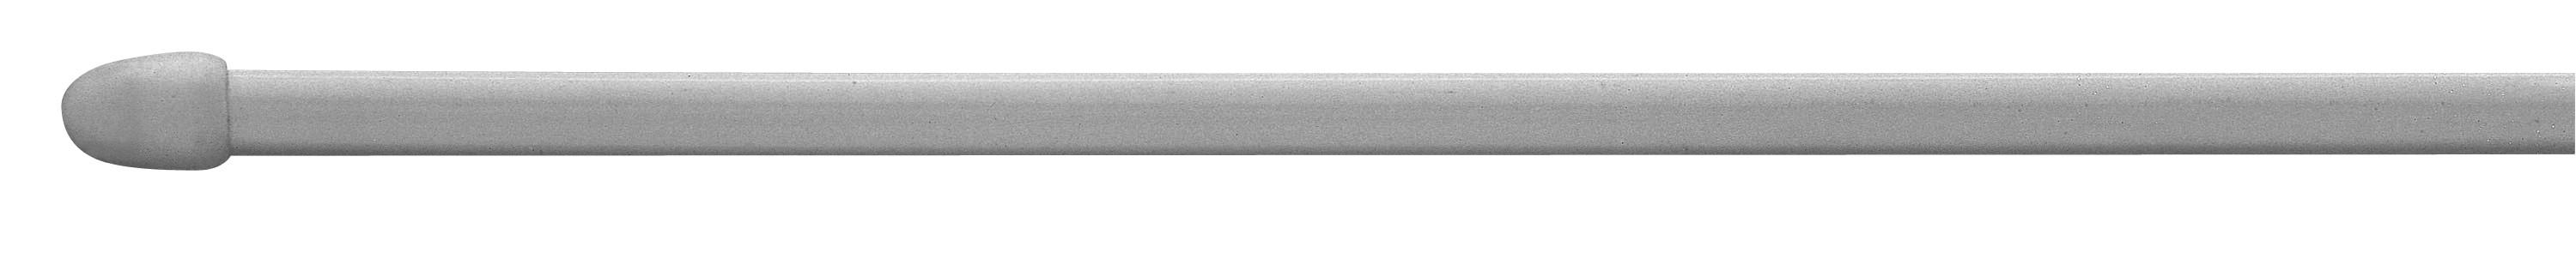 Vitrázsrúd Krómozott Fém - ezüst színű, konvencionális, műanyag/fém (60cm)